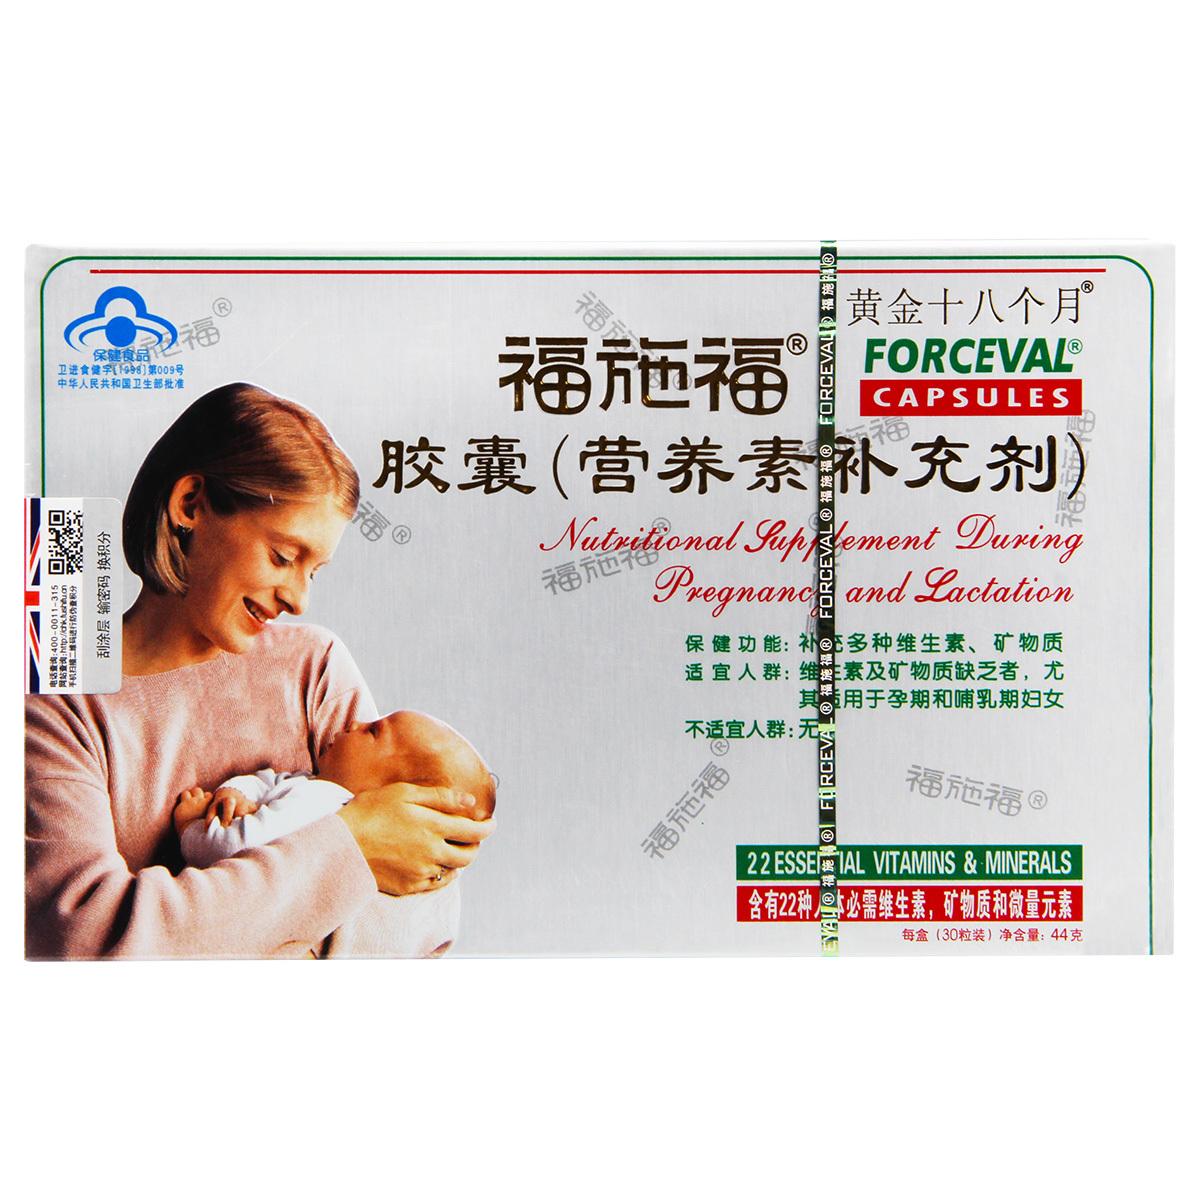 福施福膠囊營養素補充劑